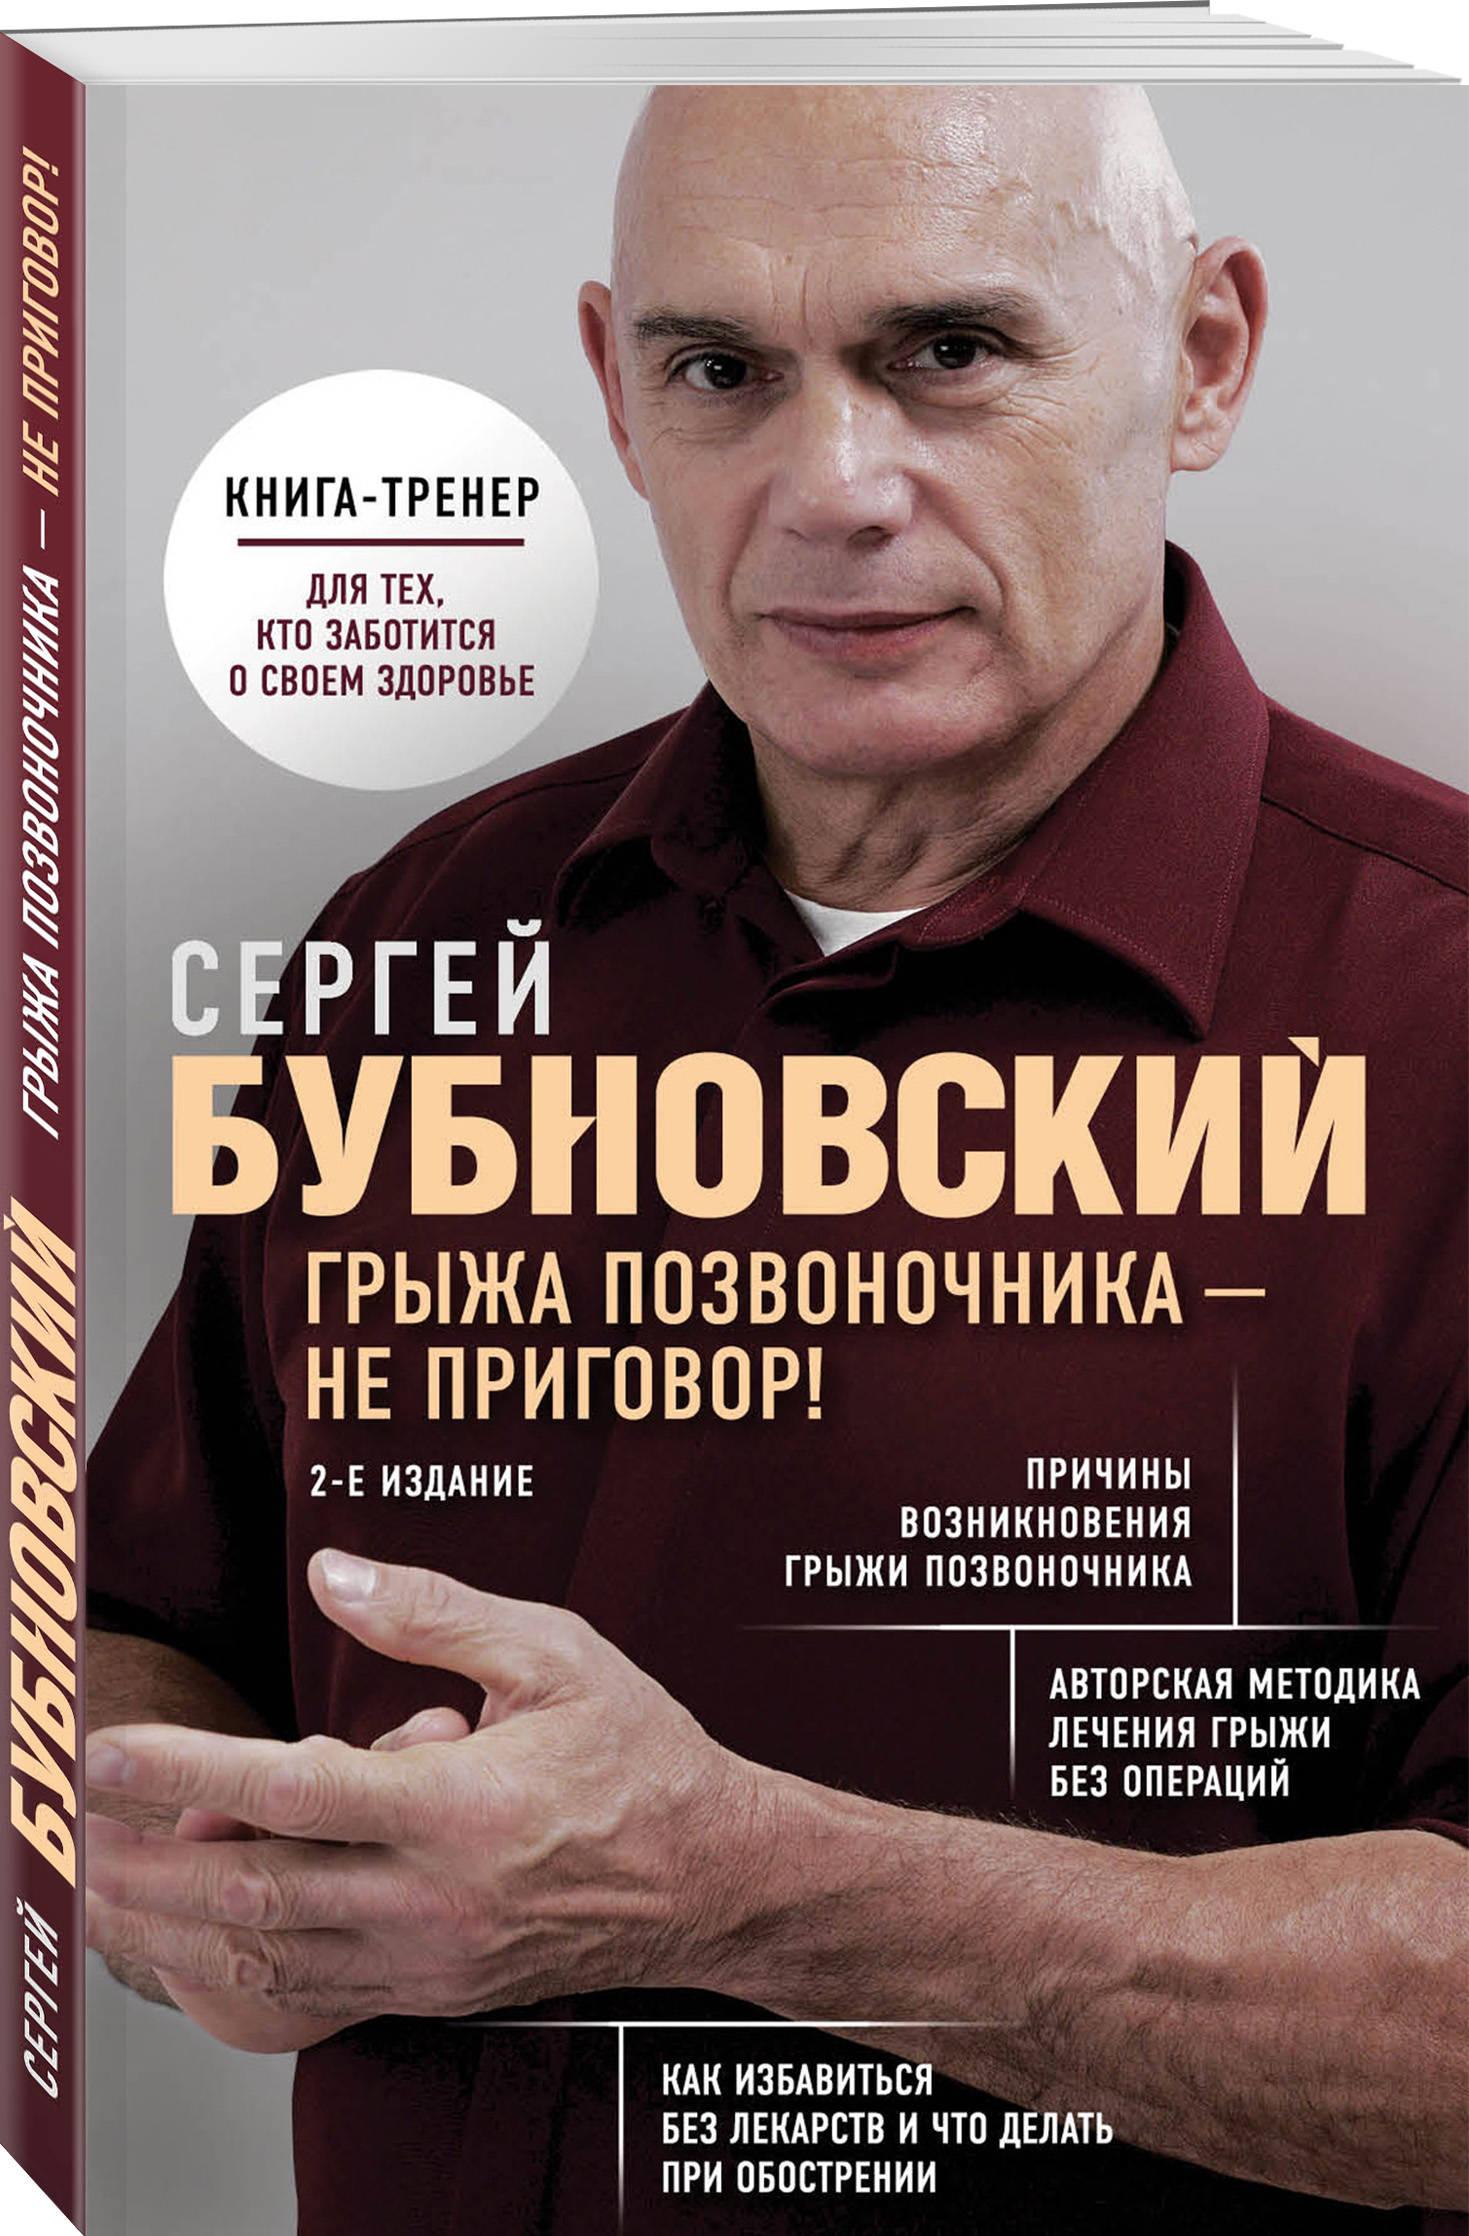 Грыжа позвоночника - не приговор! 2-е издание ( Сергей Бубновский  )